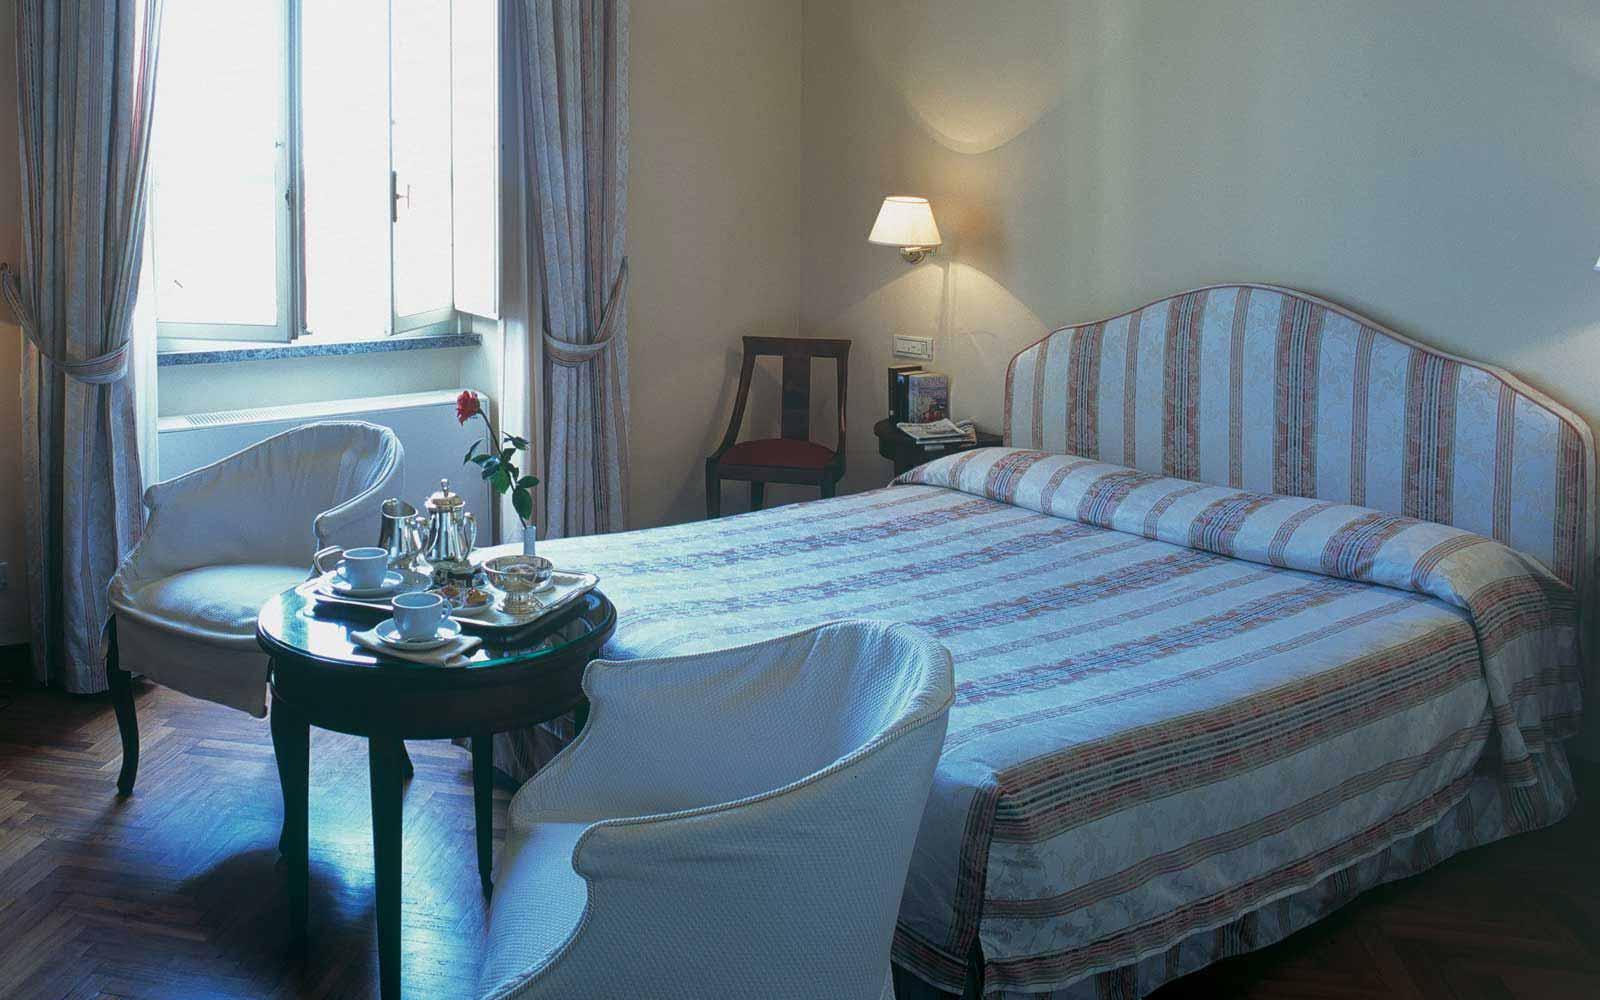 Deluxe room at the Hotel Plaza e de Russie